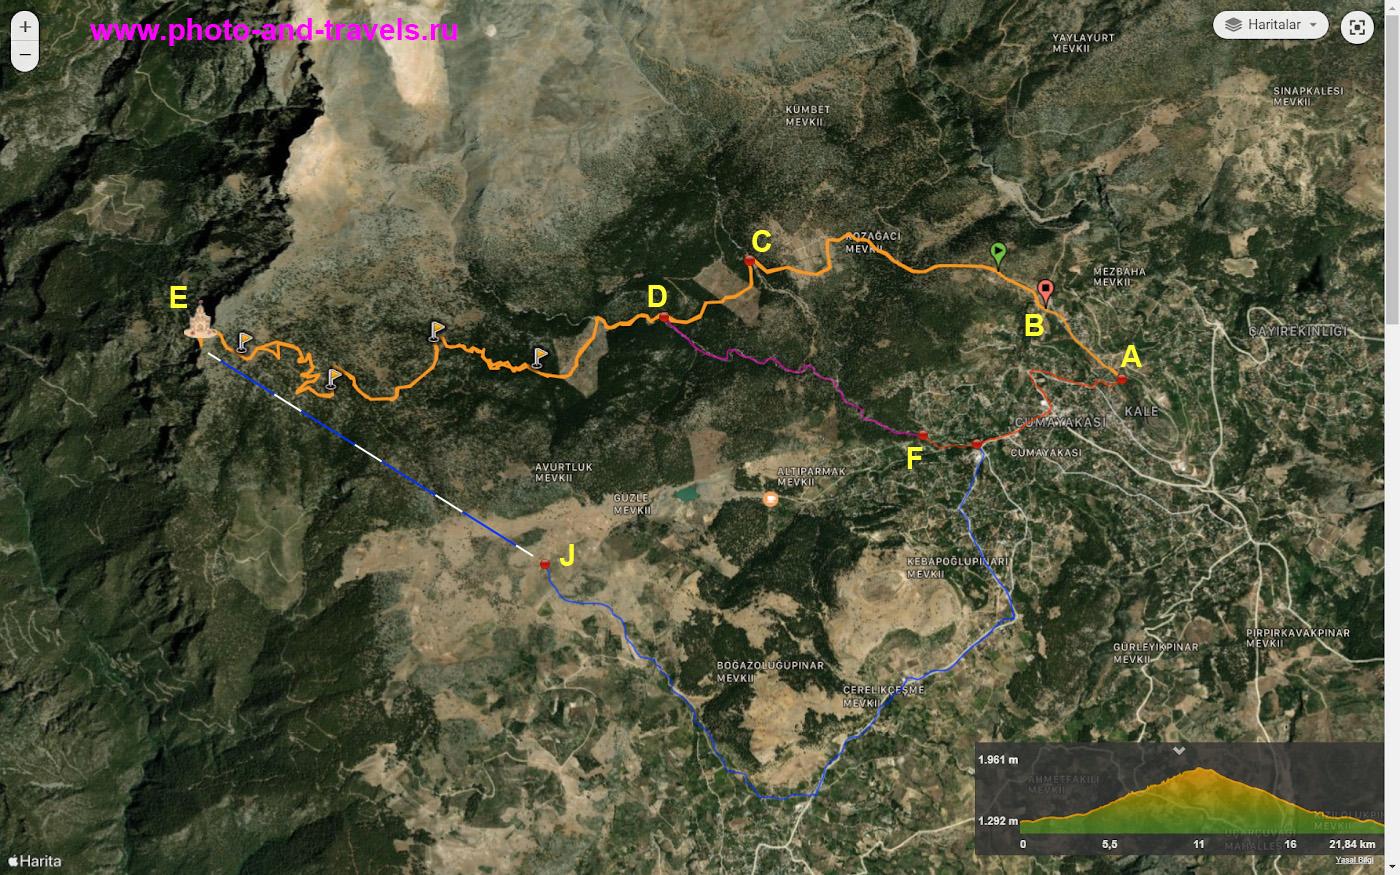 30. Карта, поясняющая, где находится дорога на вершину Баштепе к башне Янгын Гёзетлеме в Чамлыяйла.